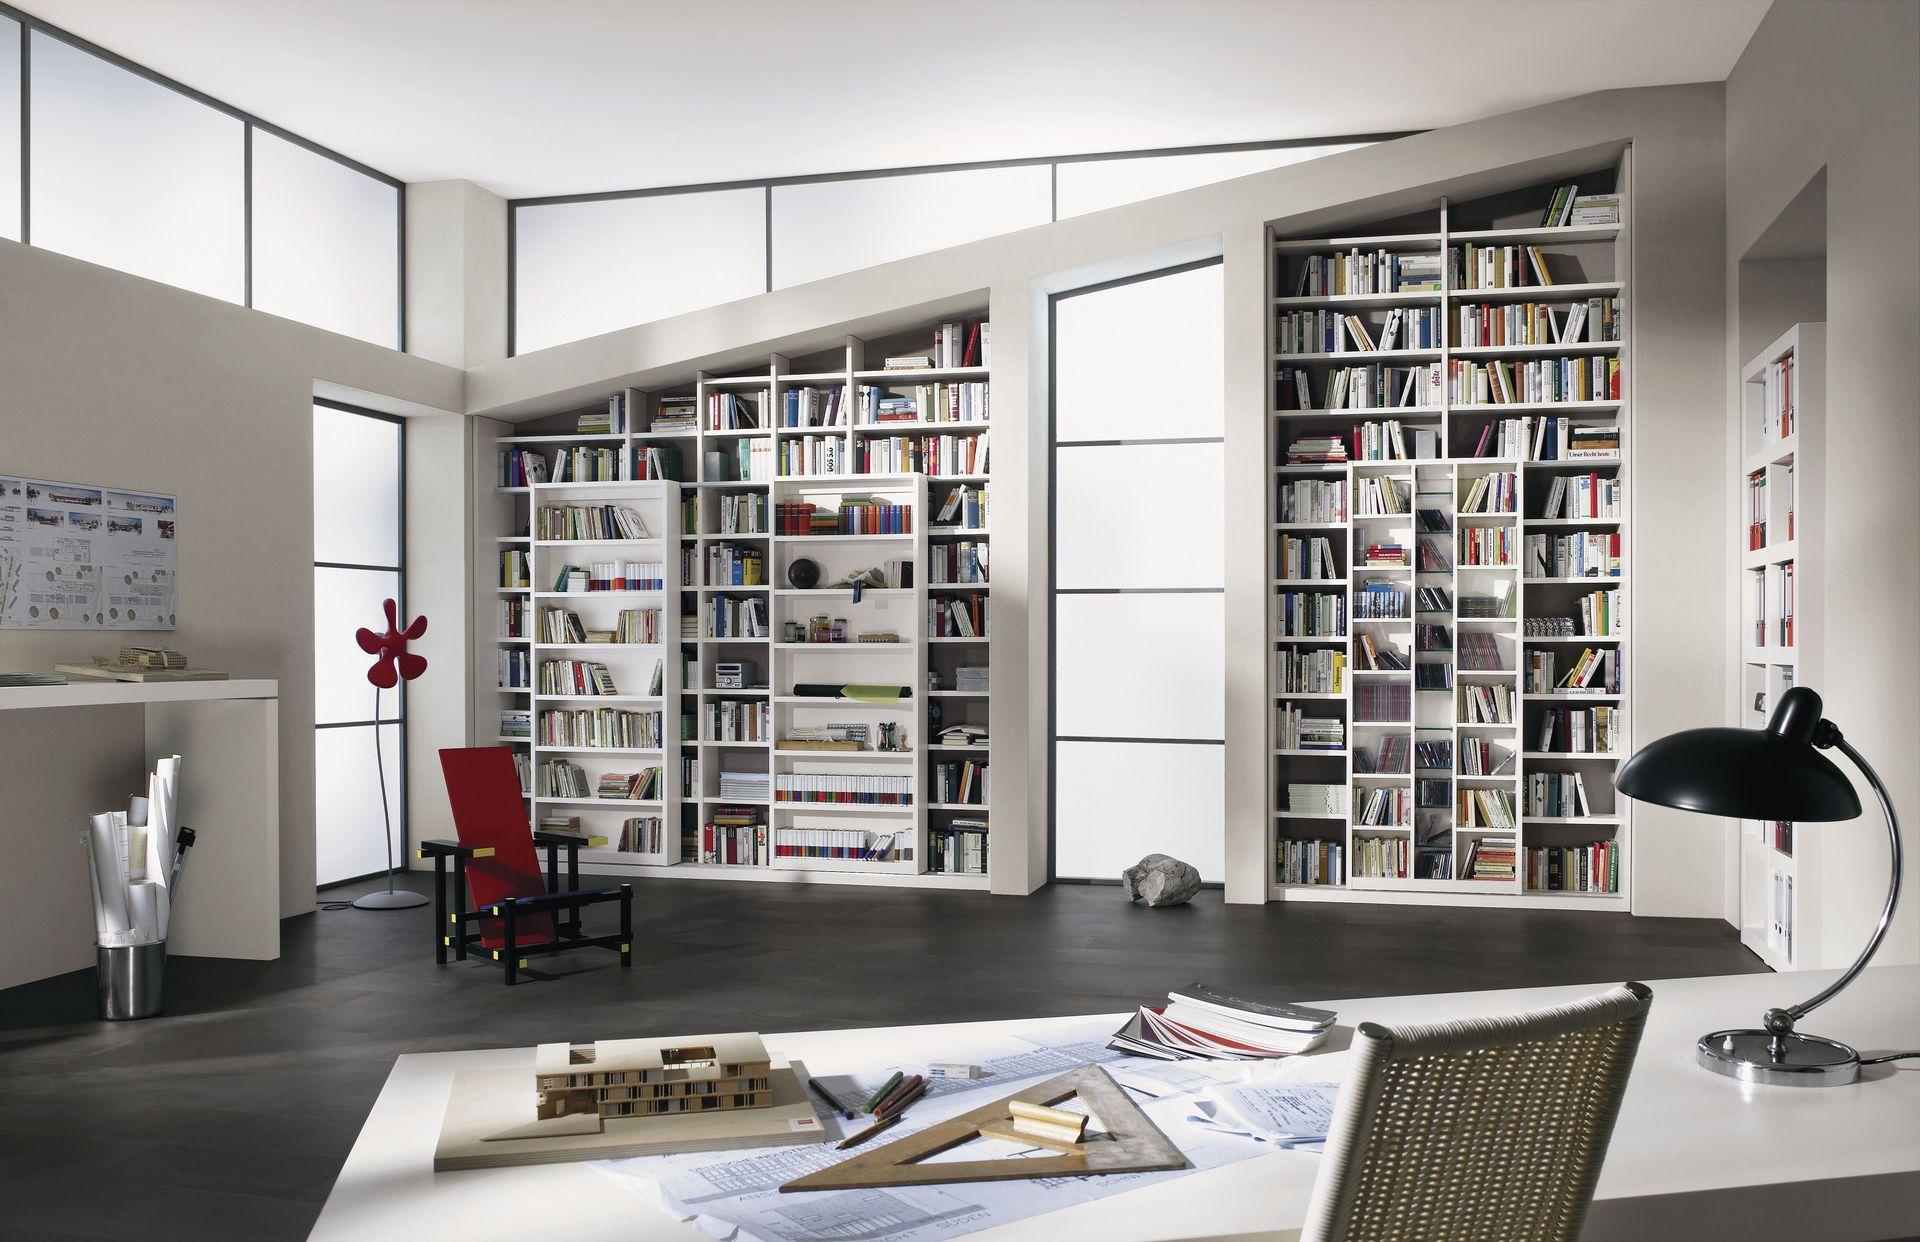 Die private Bibliothek: Links, Produkte und Buchtipps ...